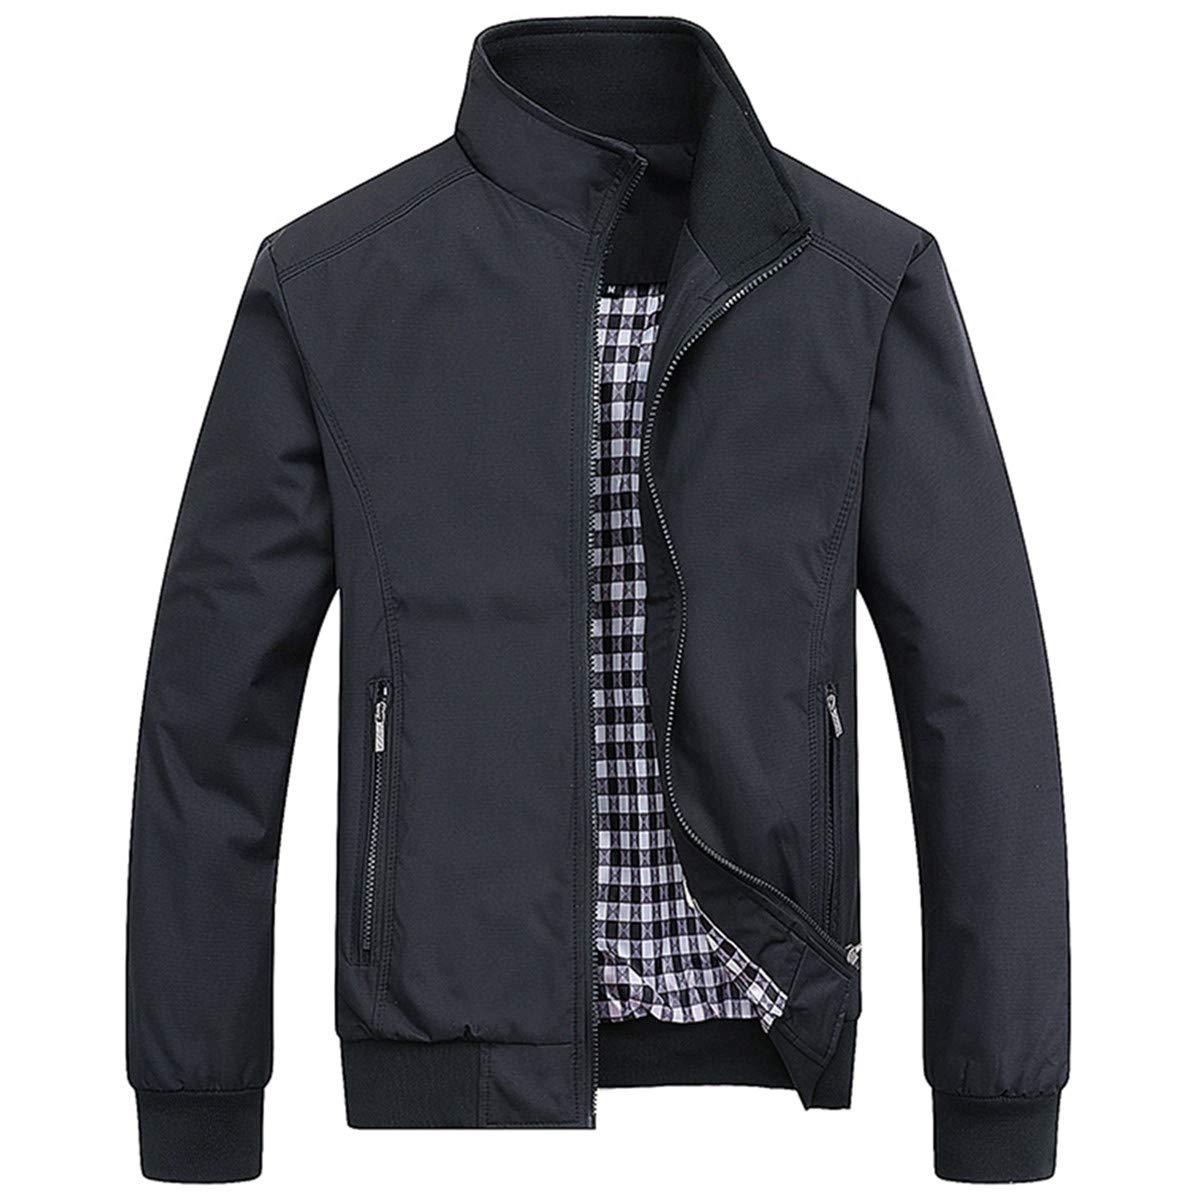 PERDONTOO Men's Casual Jacket Outdoor Windbreaker Lightweight Bomber Jackets (Medium, Black) by PERDONTOO